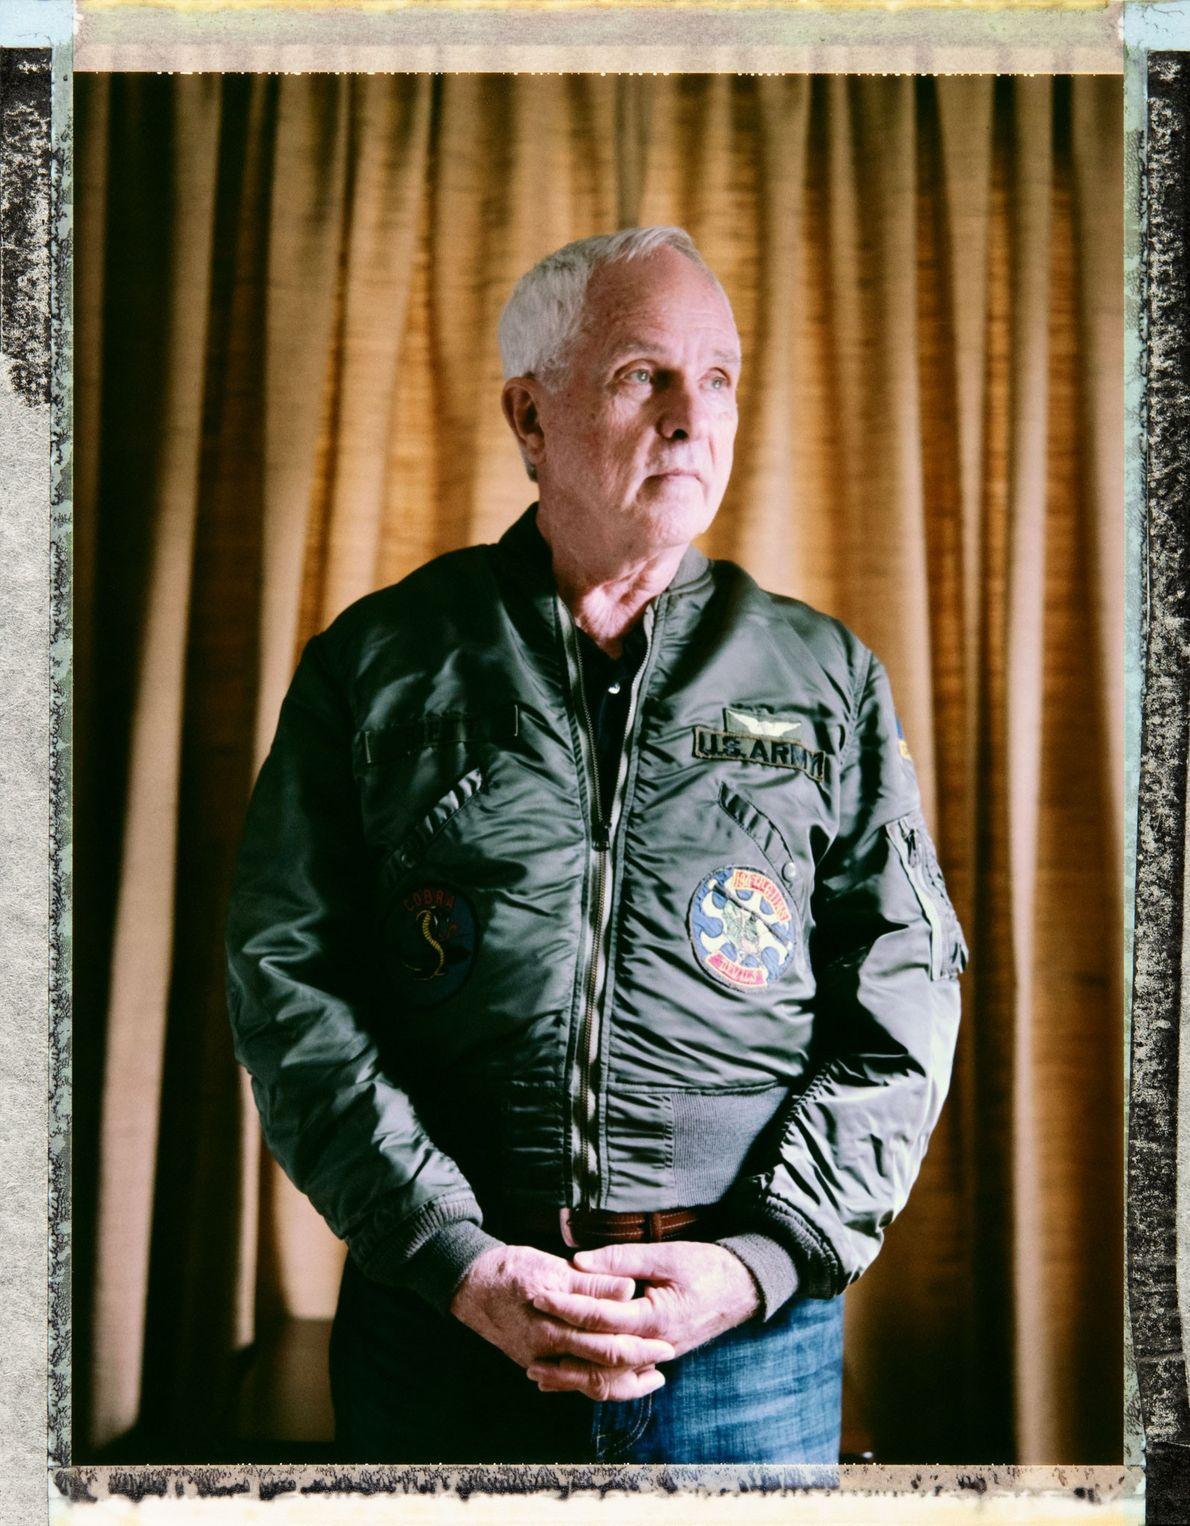 Russel Hiett, 73